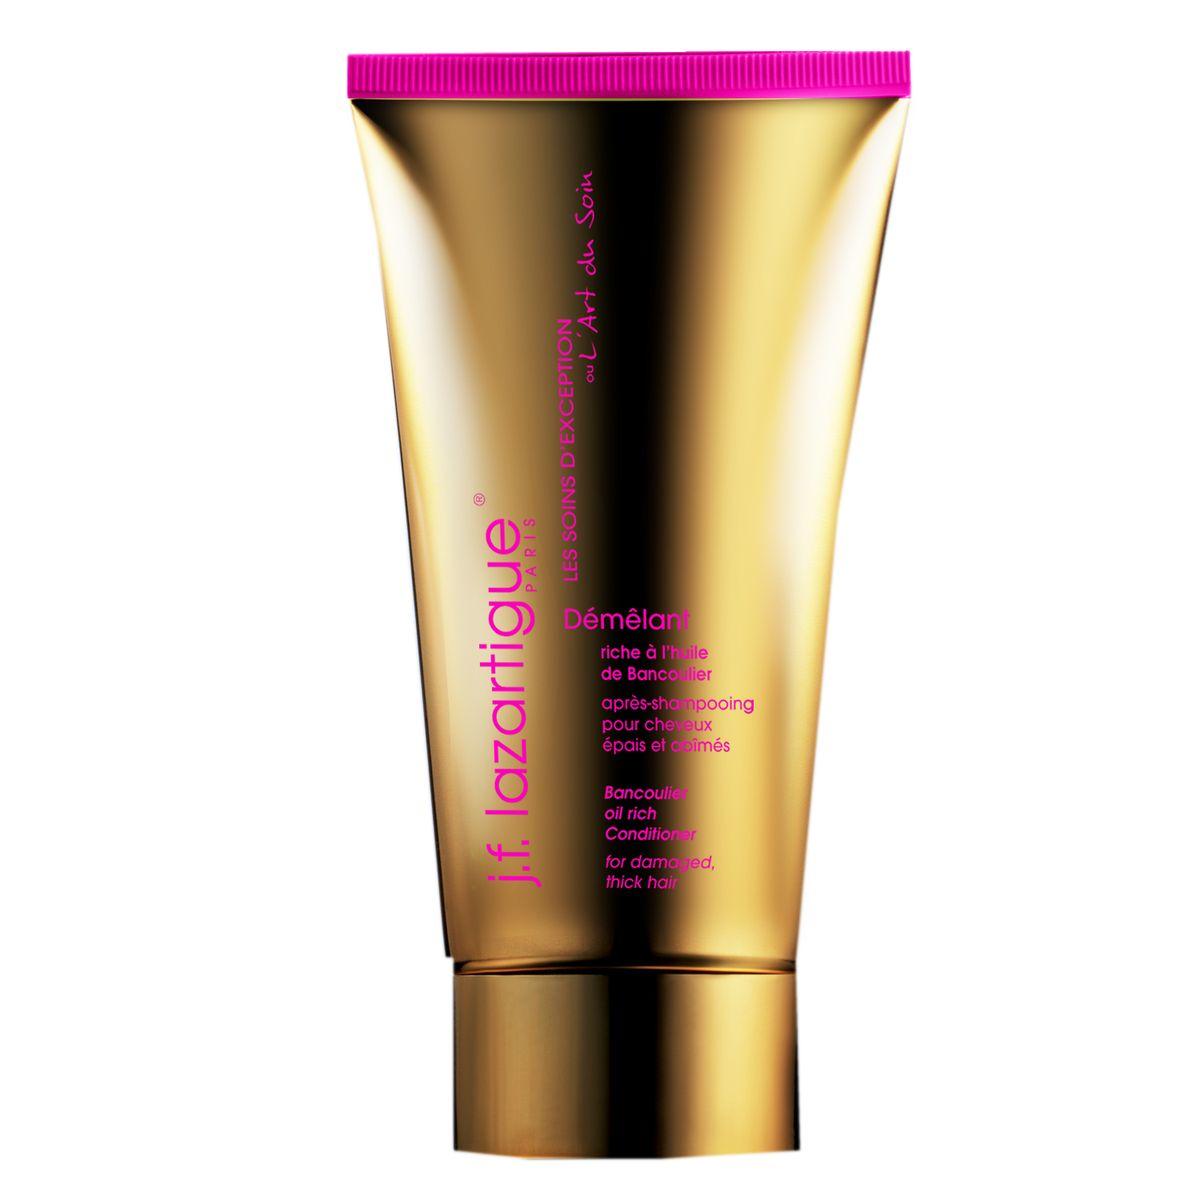 J.F.Lazartigue Кондиционер Банкульер (для густых волос, в том числе поврежденных) 150 мл03306Исключительное укрепляющее средство для волос с маслом ореха кукуйи, богатым витаминами А, Е и F. Предназначено для густых (не тонких) сухих волос, склонных к повреждению, ломких и тусклых. Ухаживая изнутри, улучшает состояние потерявших жизненную силу волос – питает, увлажняет, препятствует их дегидратации и ломкости. Смягчает непокорные густые волосы, делает их более гладкими и послушными. Превосходно сочетается с другими средствами J.F. LAZARTIGUE Банкульер (шампунем и средствами из набора Незаменимый дуэт: эссенциальным кремом и сывороткой).